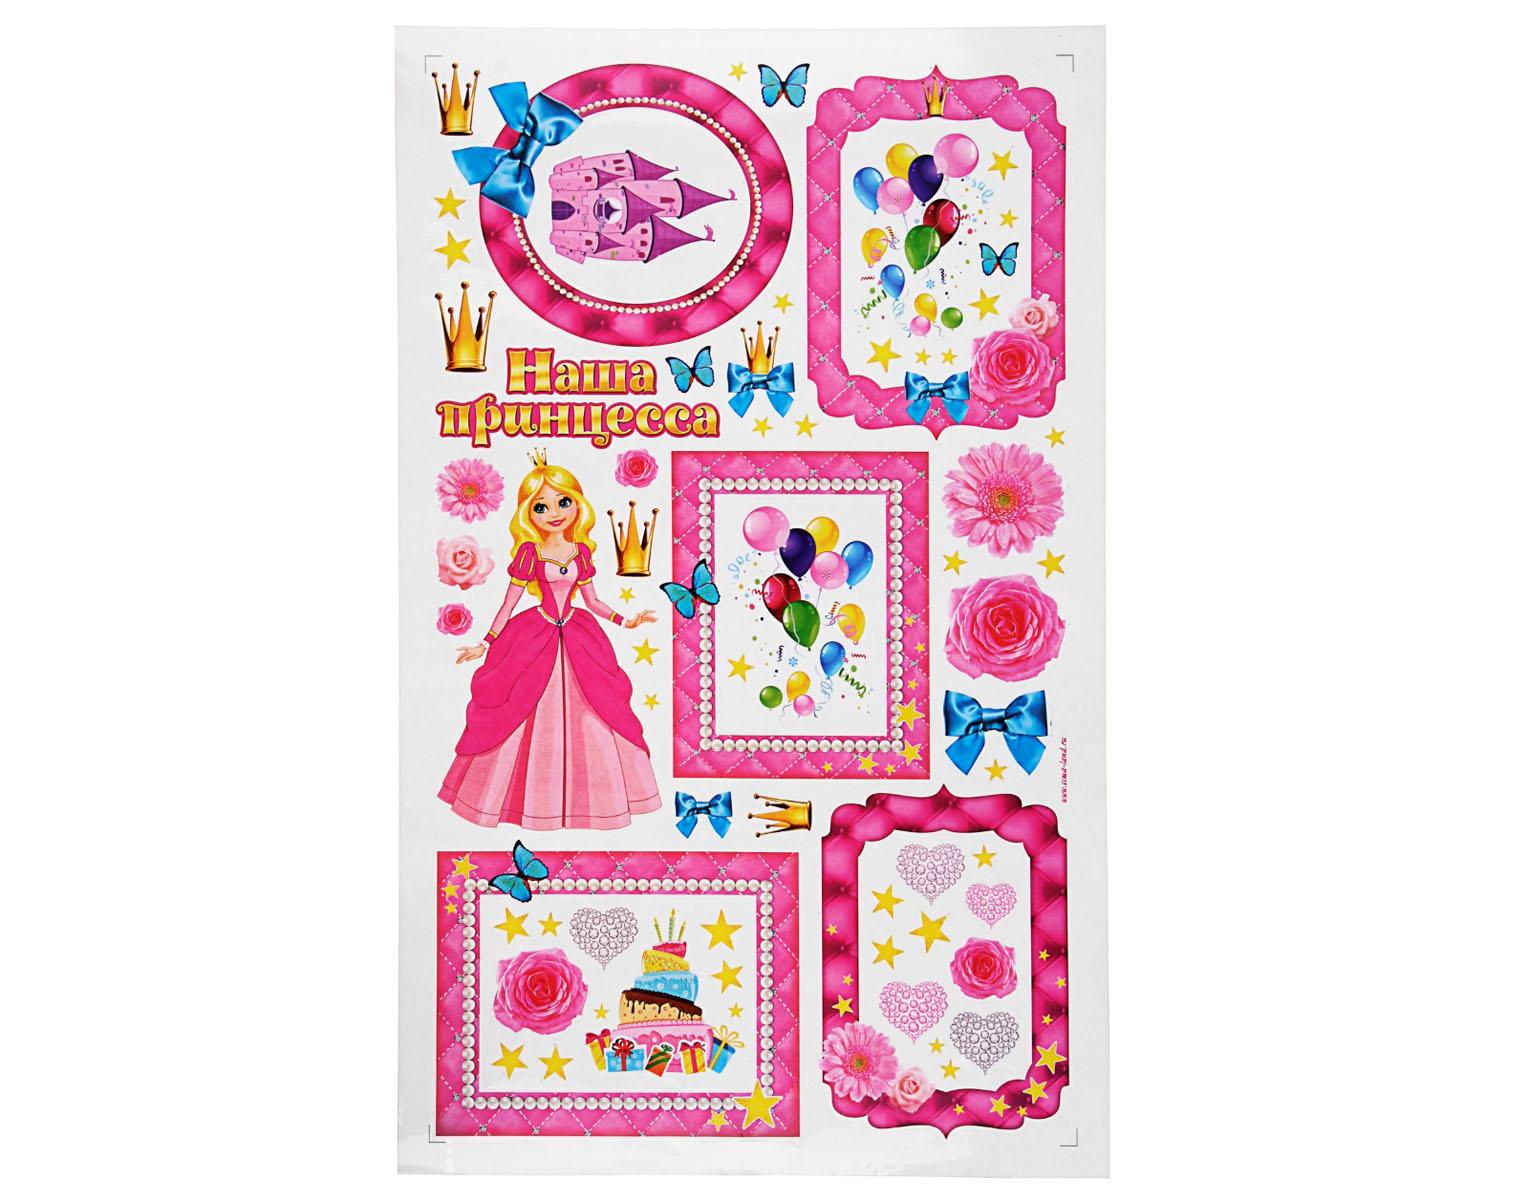 Наклейки-фоторамки Sima-land Наша принцесса, 30 см х 50 см. 136948136948Потрясающие наклейки-фоторамки Sima-land Наша принцесса выполнены из самоклеящейся пленки и оформлены яркими красочными принтами. На одном листе расположены 5 фоторамок и 60 наклеек для декора в виде принцессы, цветов, бабочек, сердец и звездочек. Благодаря самоклеящейся поверхности, наклейки-фоторамки легко наклеиваются и отклеиваются, не оставляя следов. Фотографии с важных событий, разные мелочи, рисунки - все это будет объединено одним стилем, благодаря ярким и стильным самоклеящимся рамкам Sima-land Наша принцесса. Пусть ваш ребенок сам выберет, что достойно быть на всеобщем обозрении.